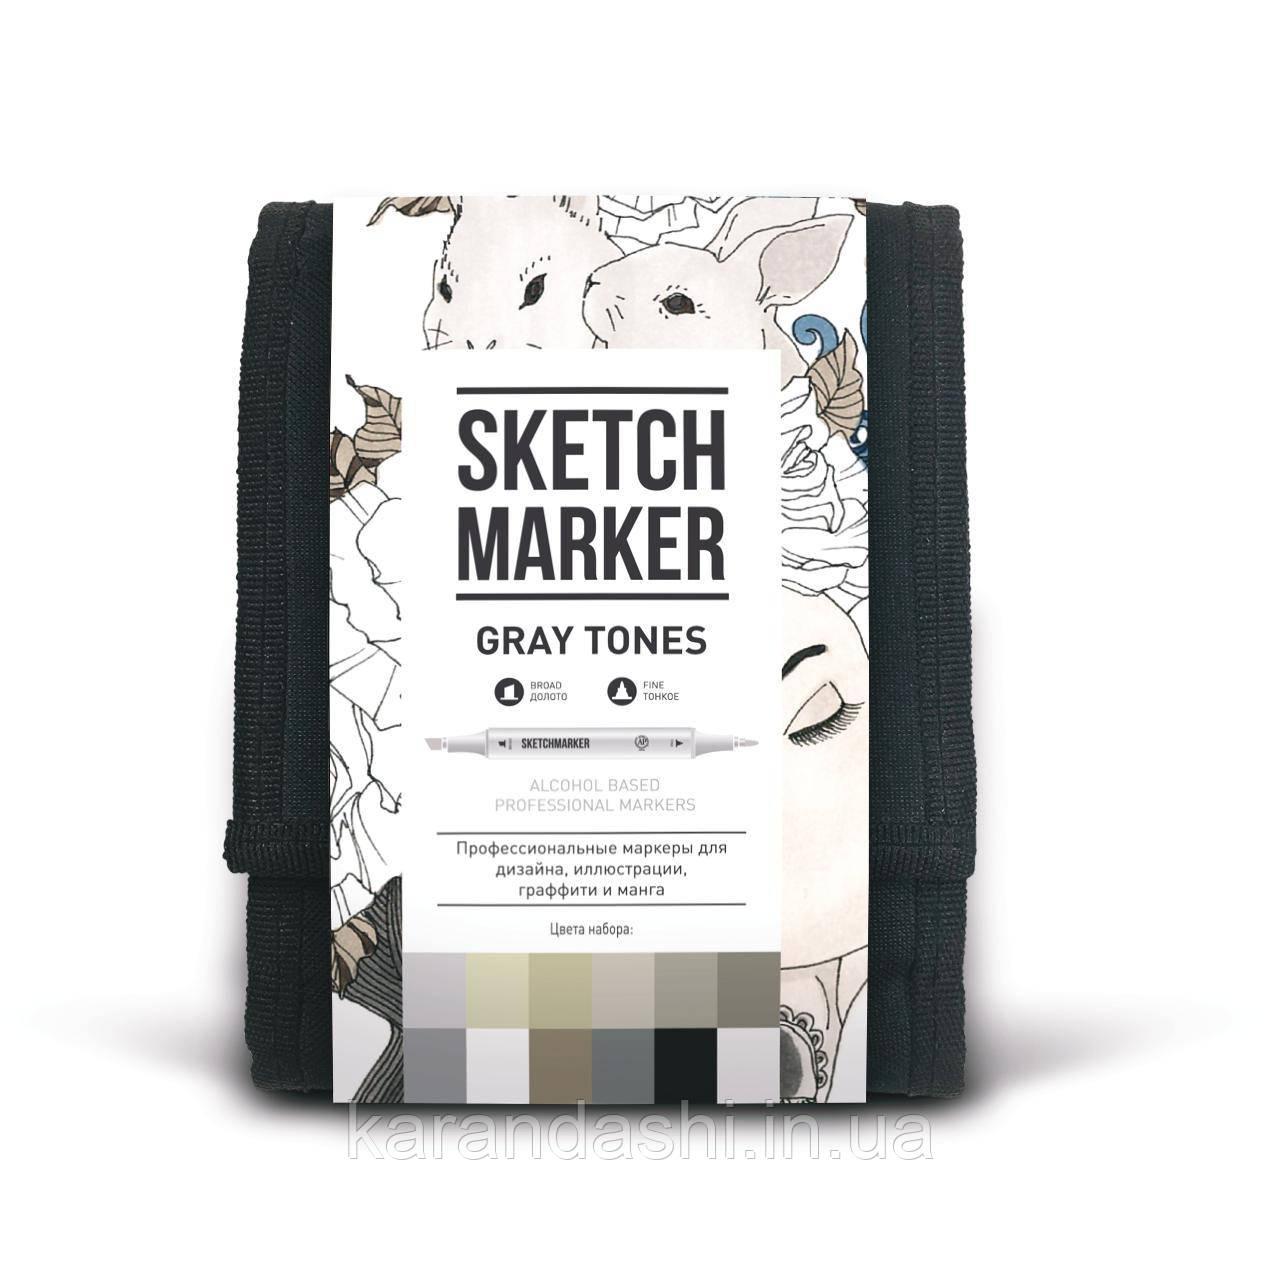 Набор SCETCHMARKER 12 цветов тонкий-скошенный Gray Set 12gray